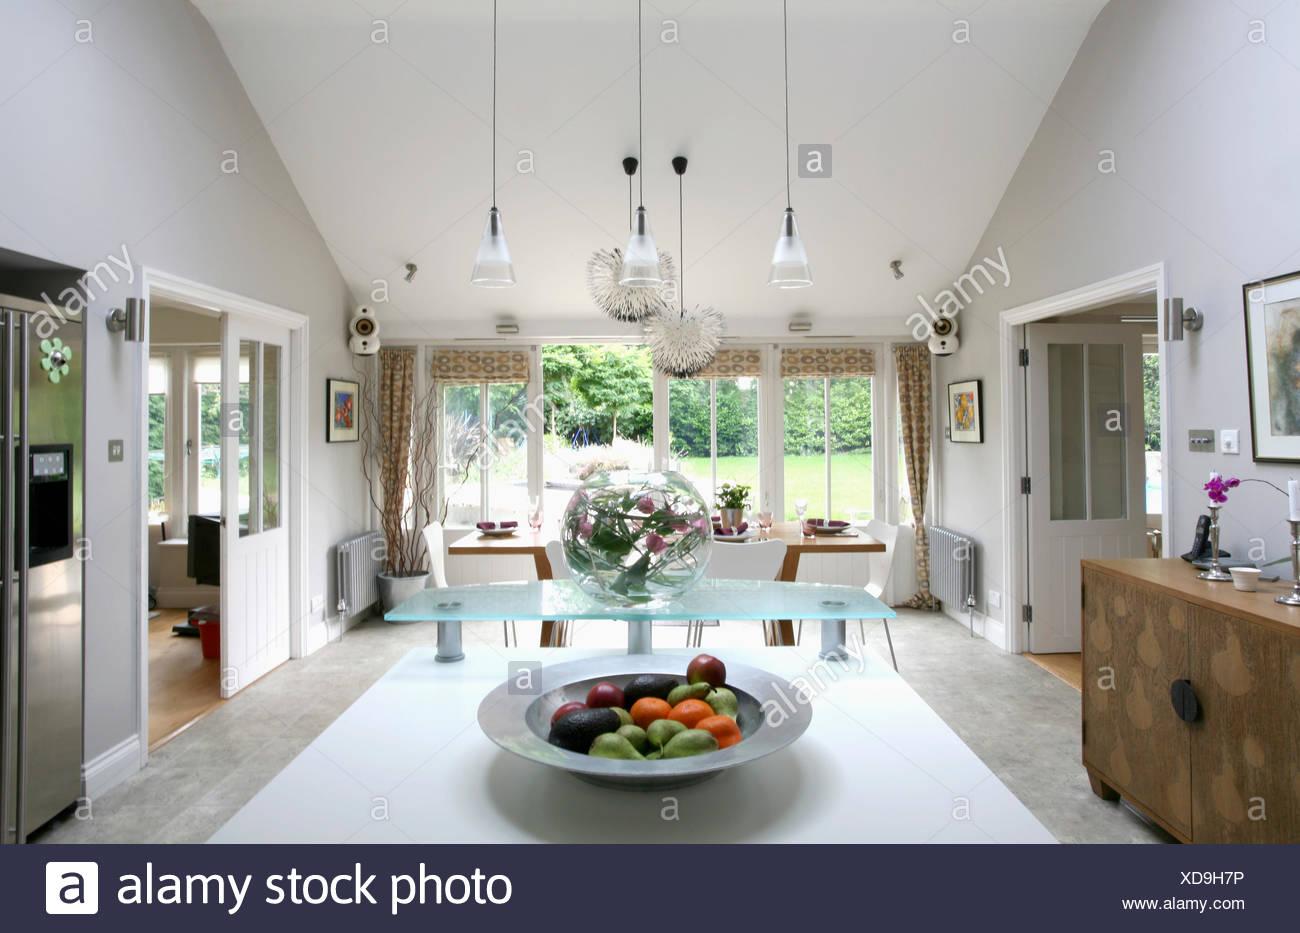 Großartig Küche Spur Beleuchtung Fotos - Küchenschrank Ideen ...